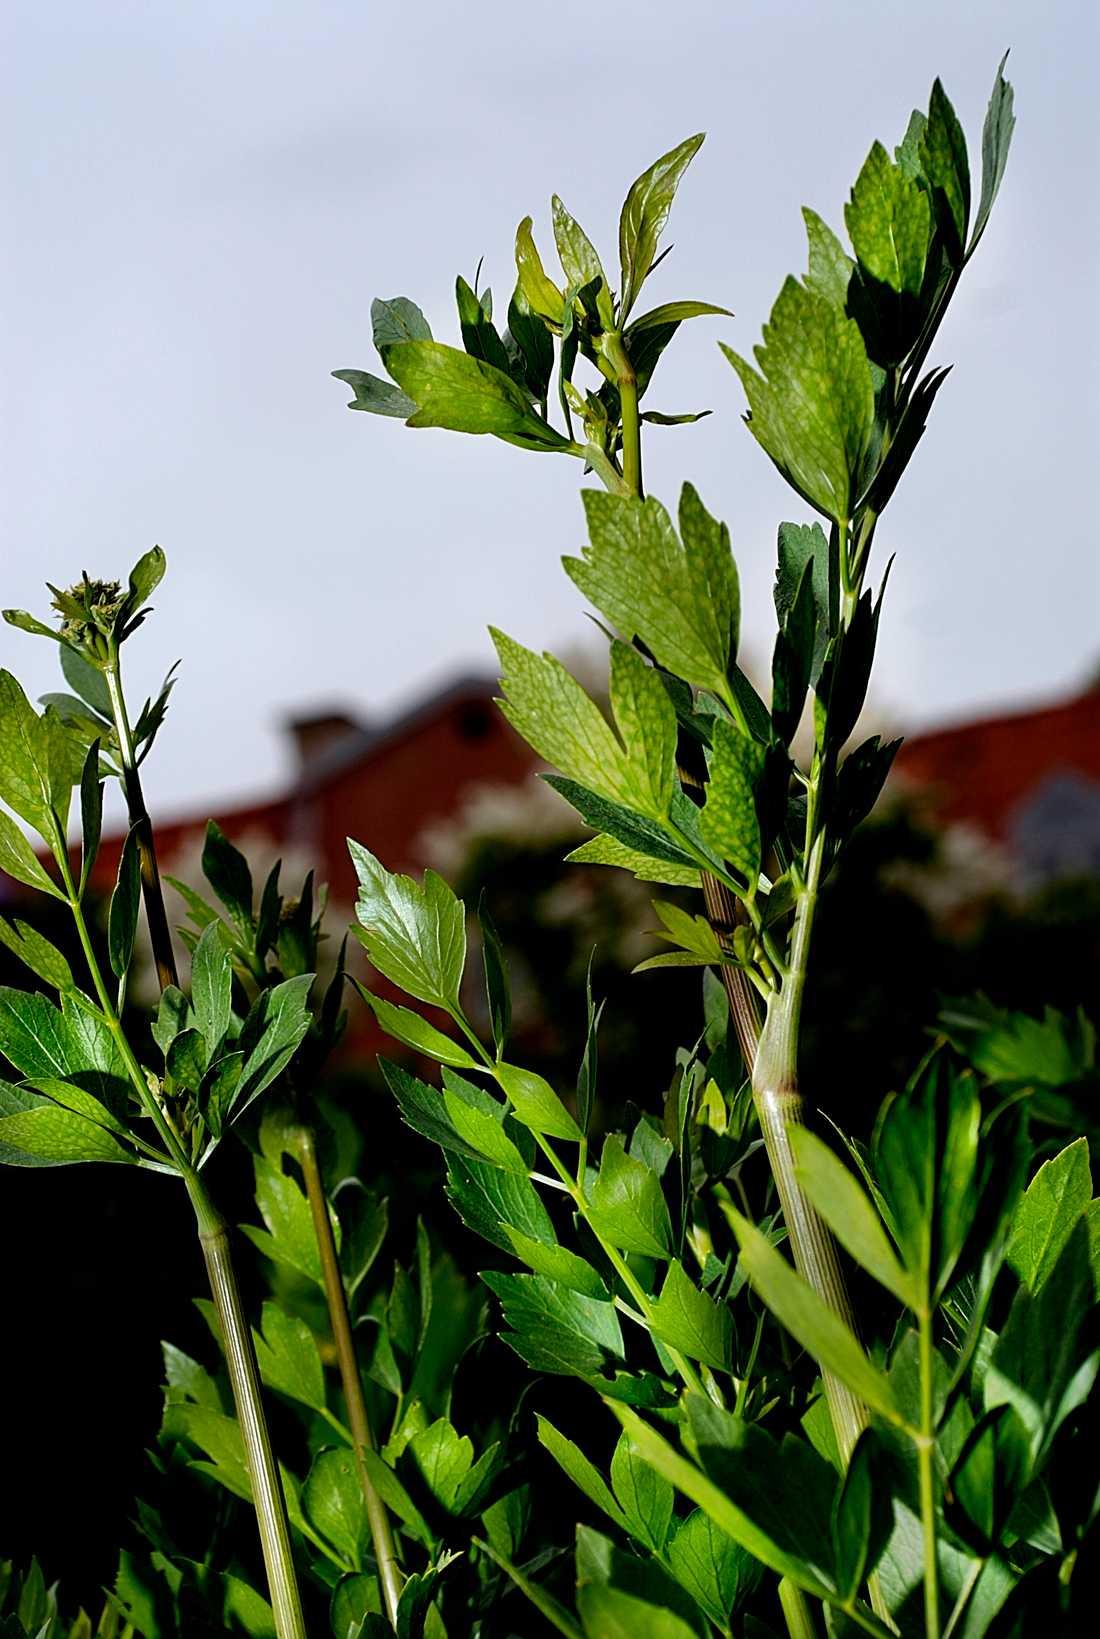 Libbsticka. Växt som kan användas i matlagning.